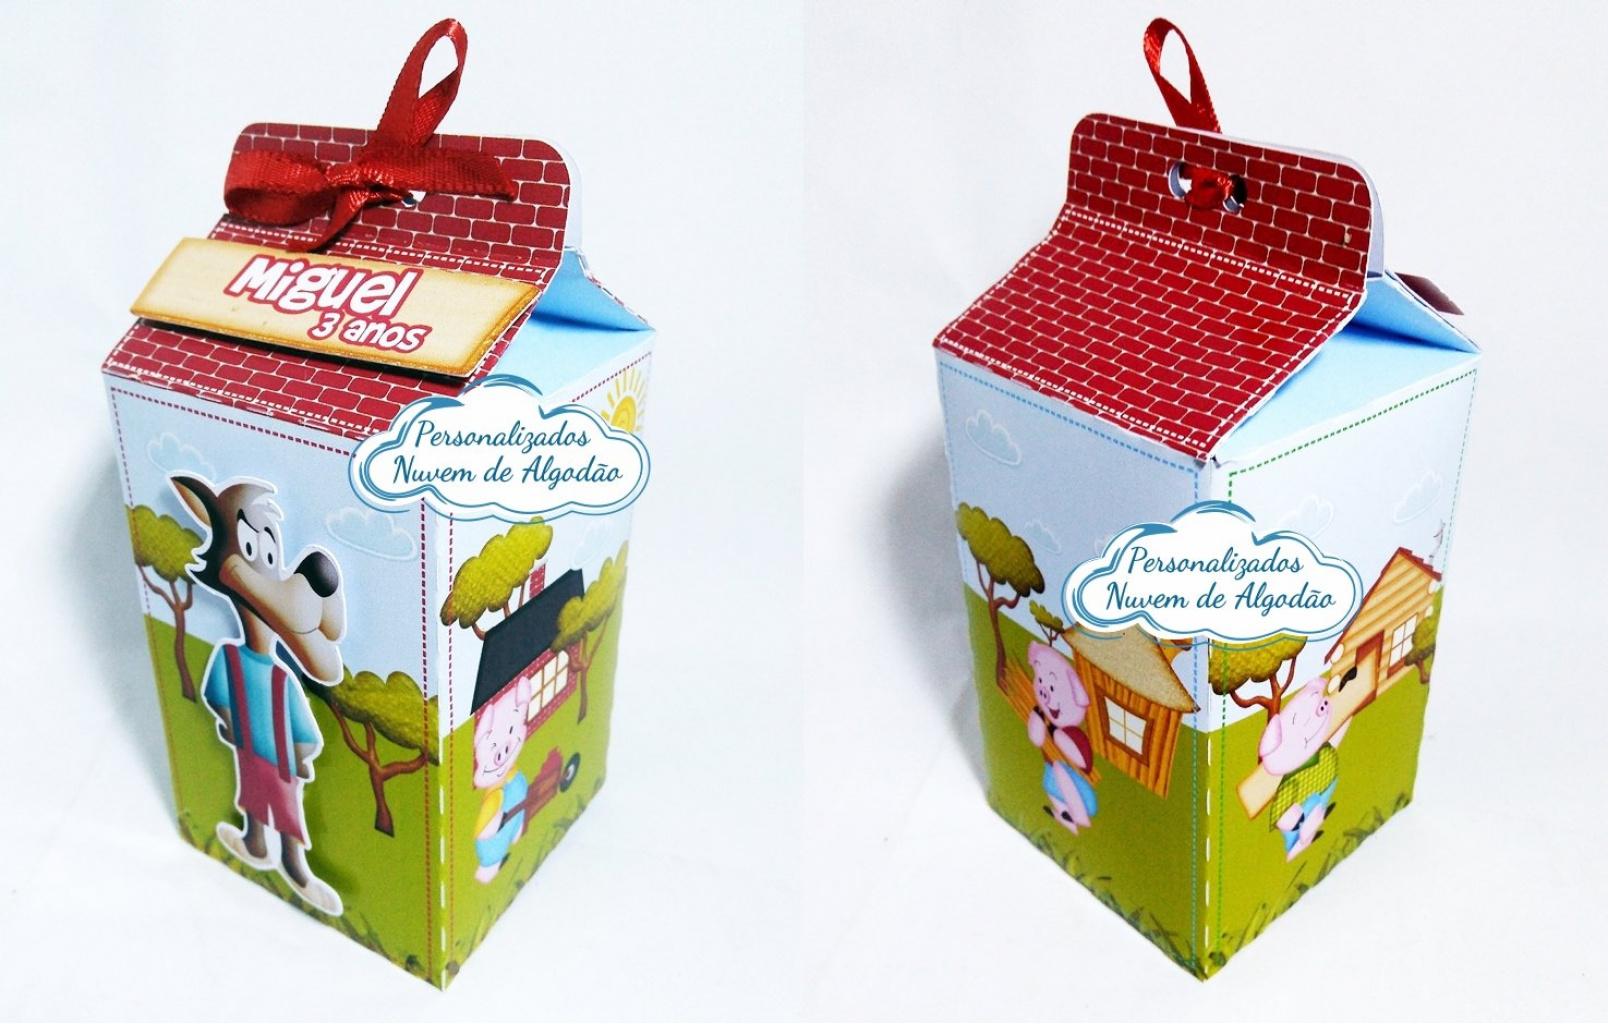 Nuvem de algodão personalizados - Caixa milk Os 3 porquinhos